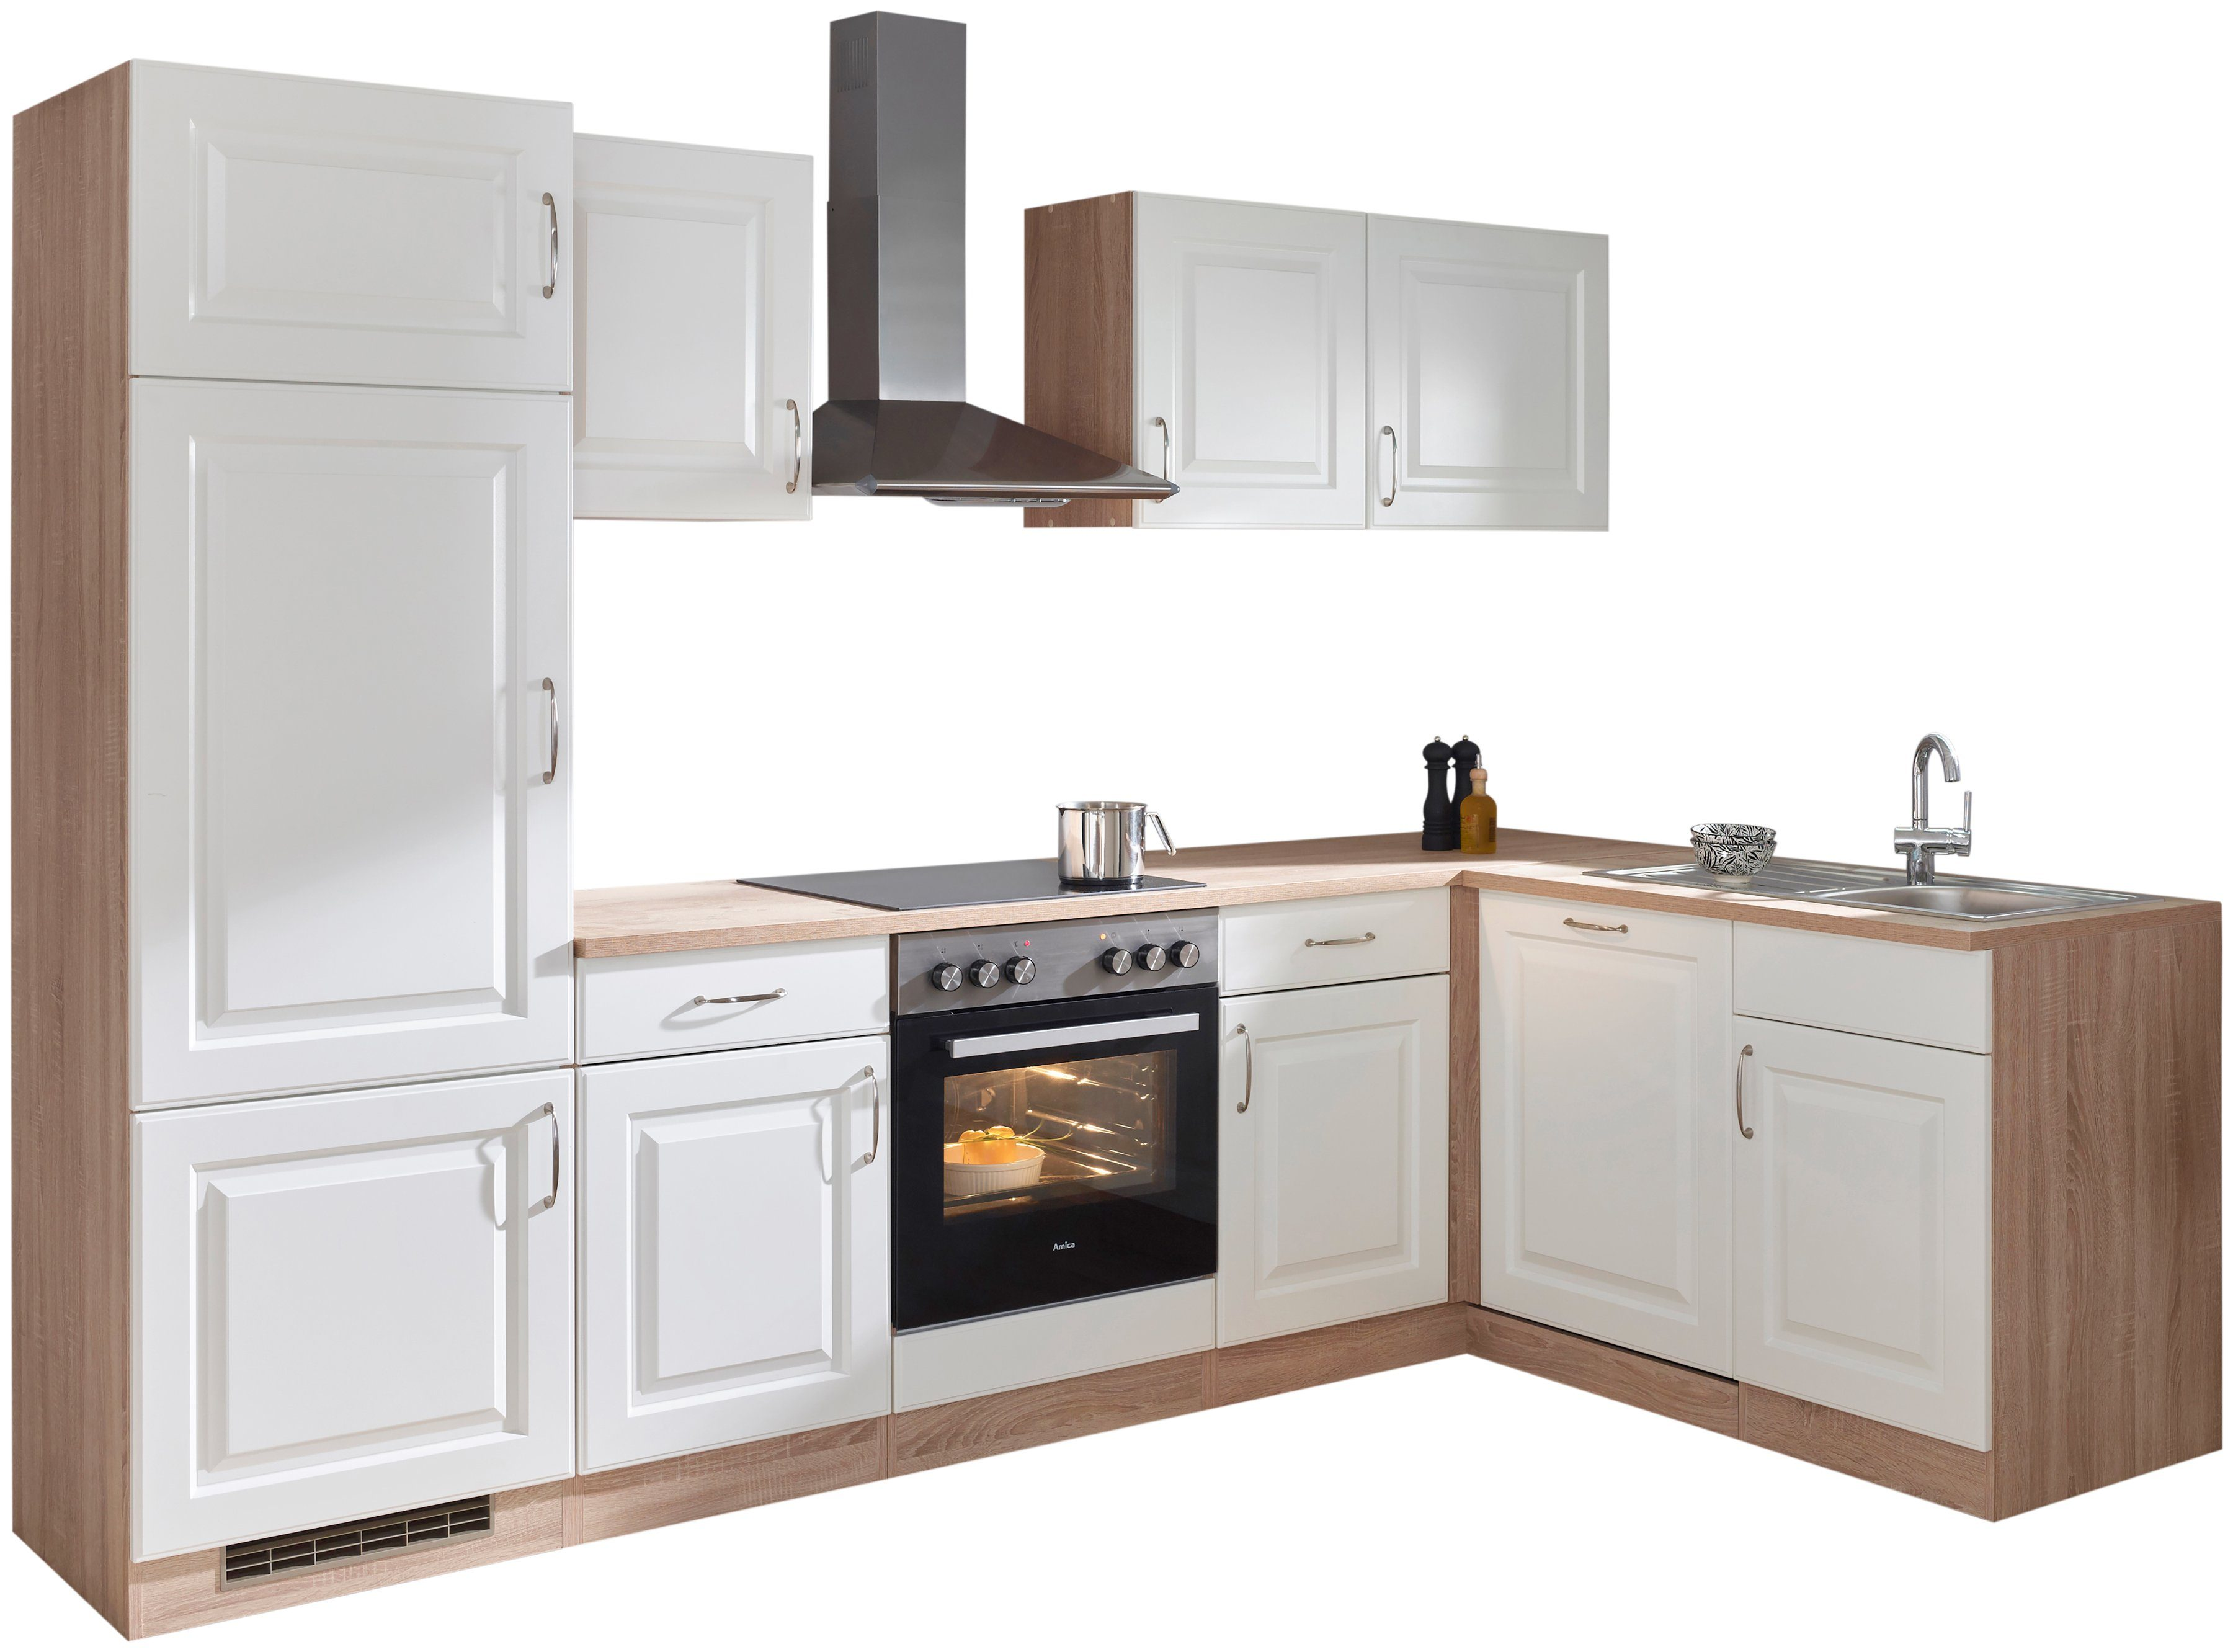 wiho Küchen Winkelküche Tilda